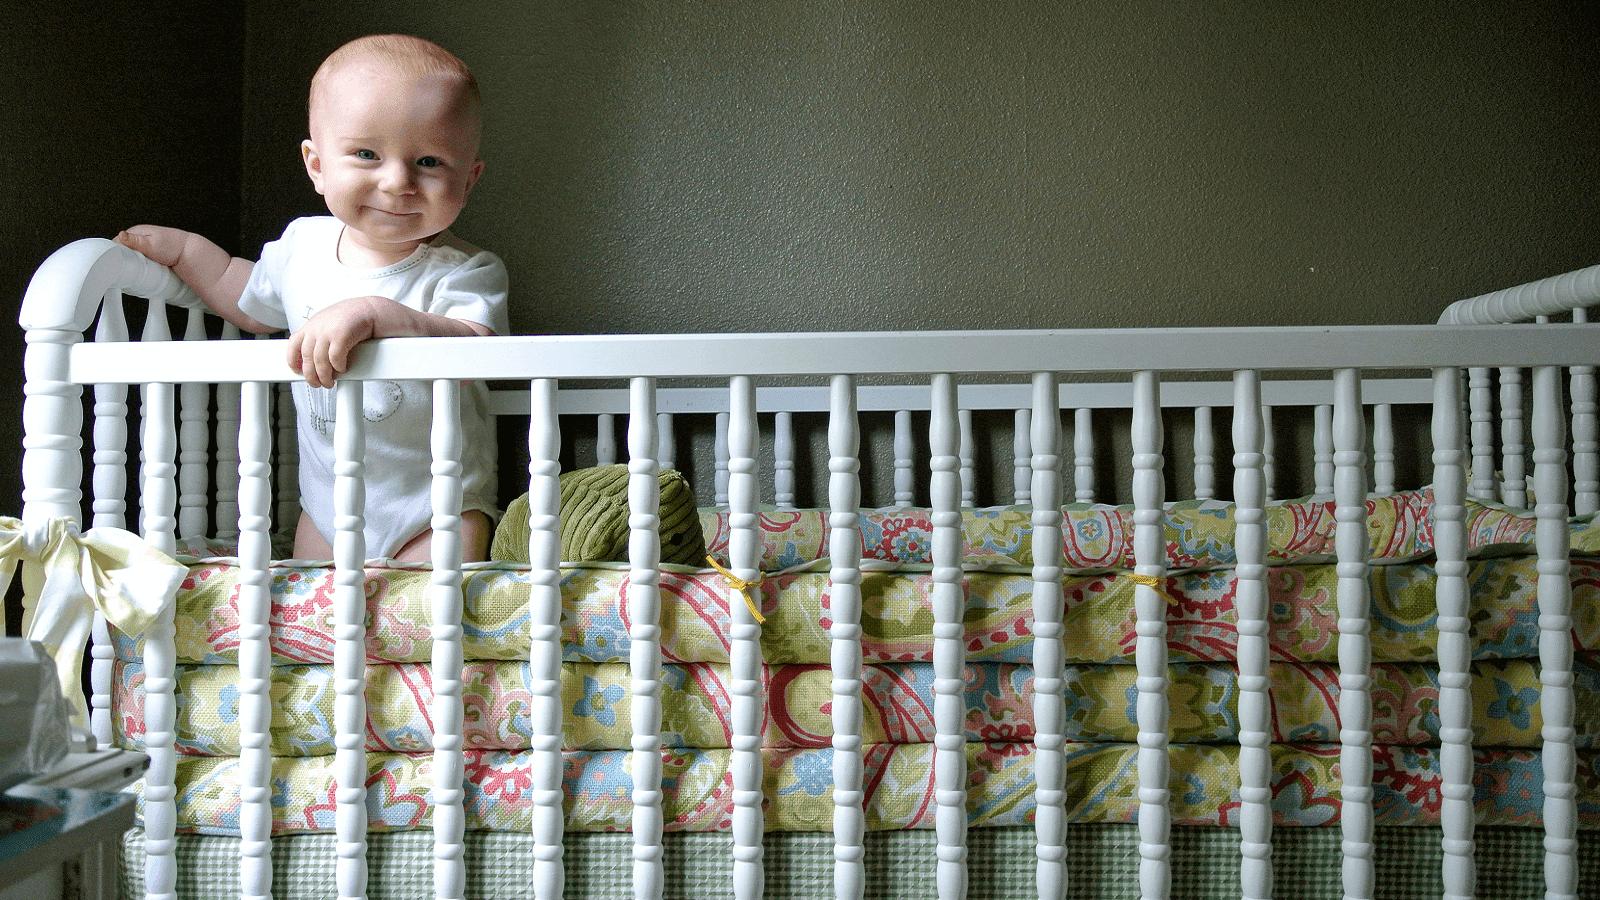 Θα ήθελα να σας θέσω την απορία μου και χρειάζομαι την βοήθεια σας σχετικά  με τον ύπνο του μπέμπη μου!Έχω ένα μπόμπιρα 8 μηνών! 5da557fb135